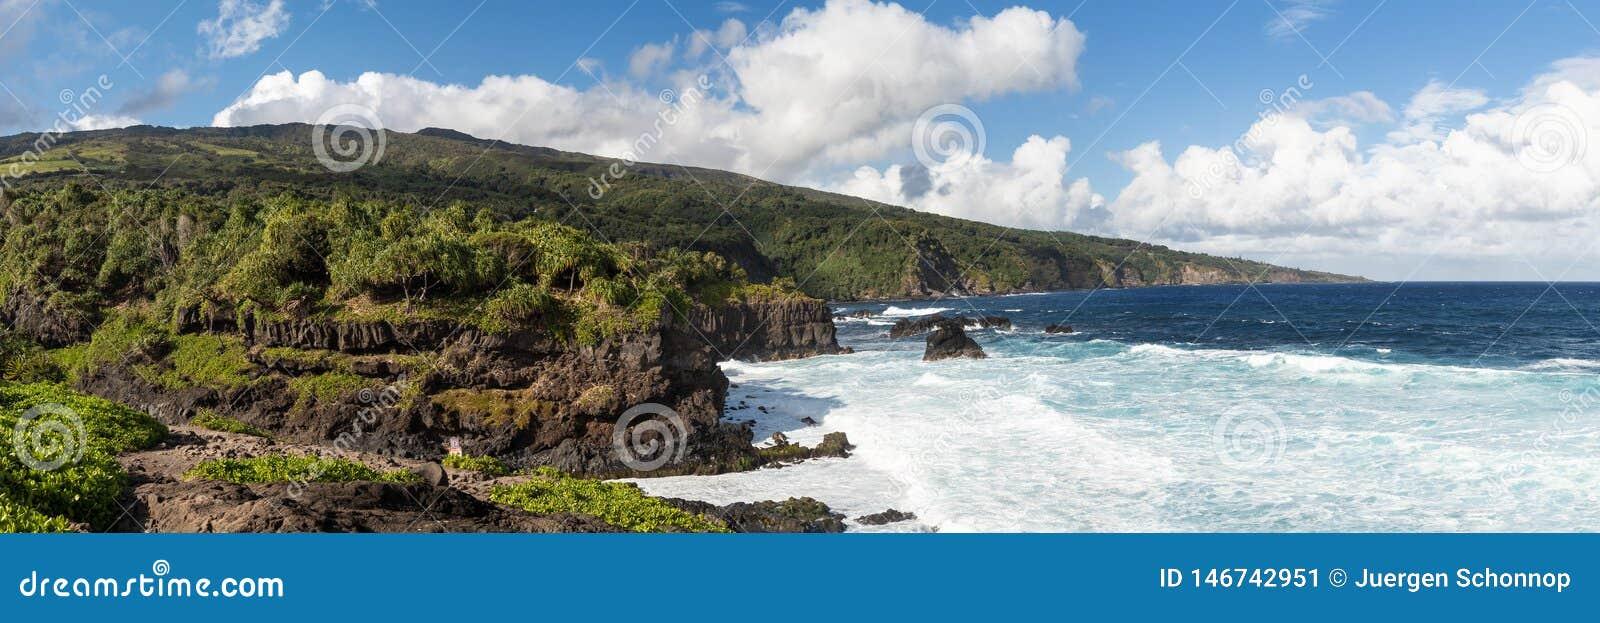 Black sand beack on Maui